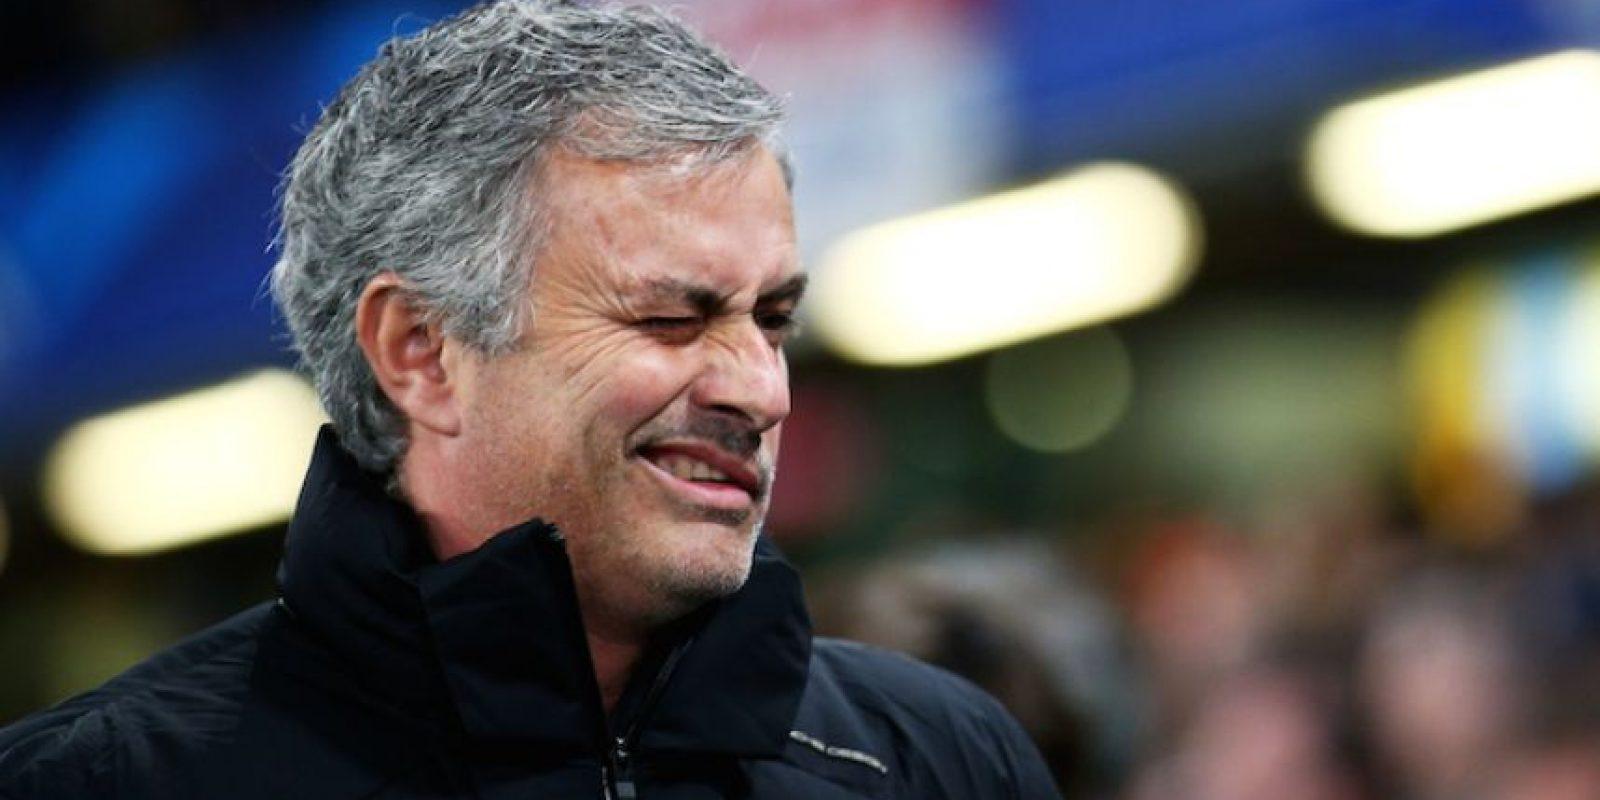 José Mourinho es considerado uno de los mejores entrenadores del mundo en la actualidad. Foto:Getty Images